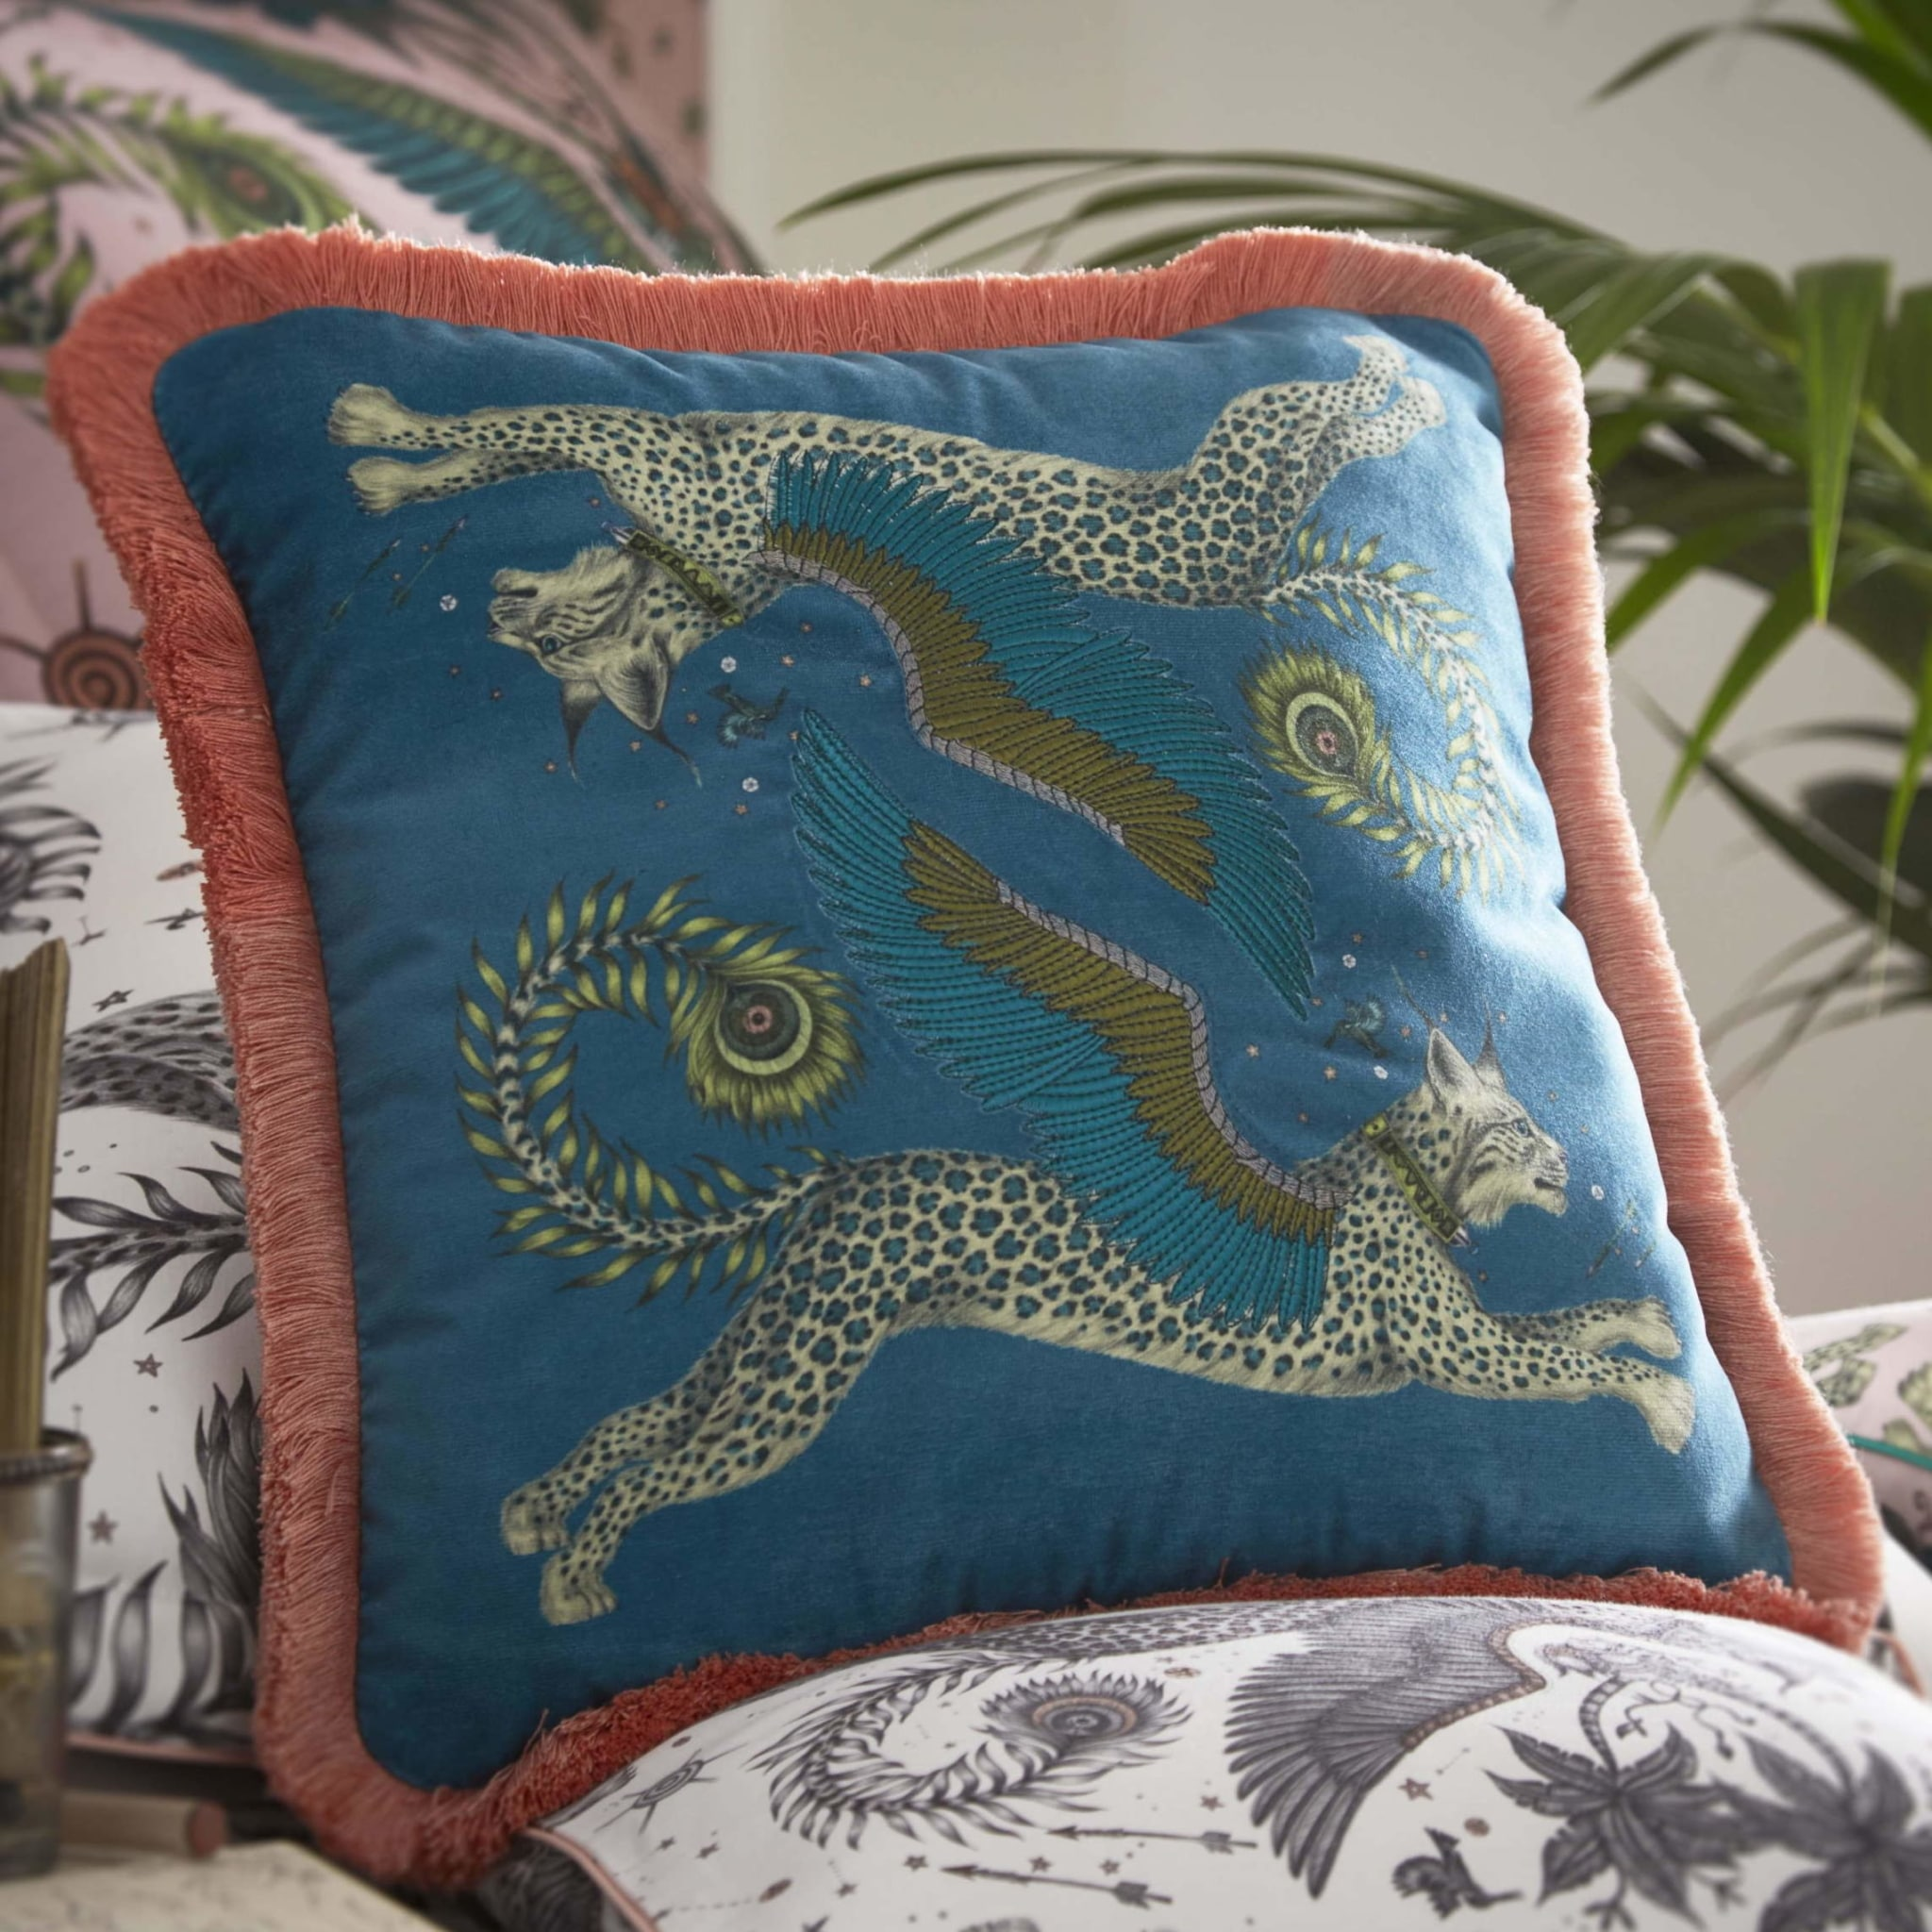 Clarke Clarke Lynx Teal Square Cushion blau M2176-01